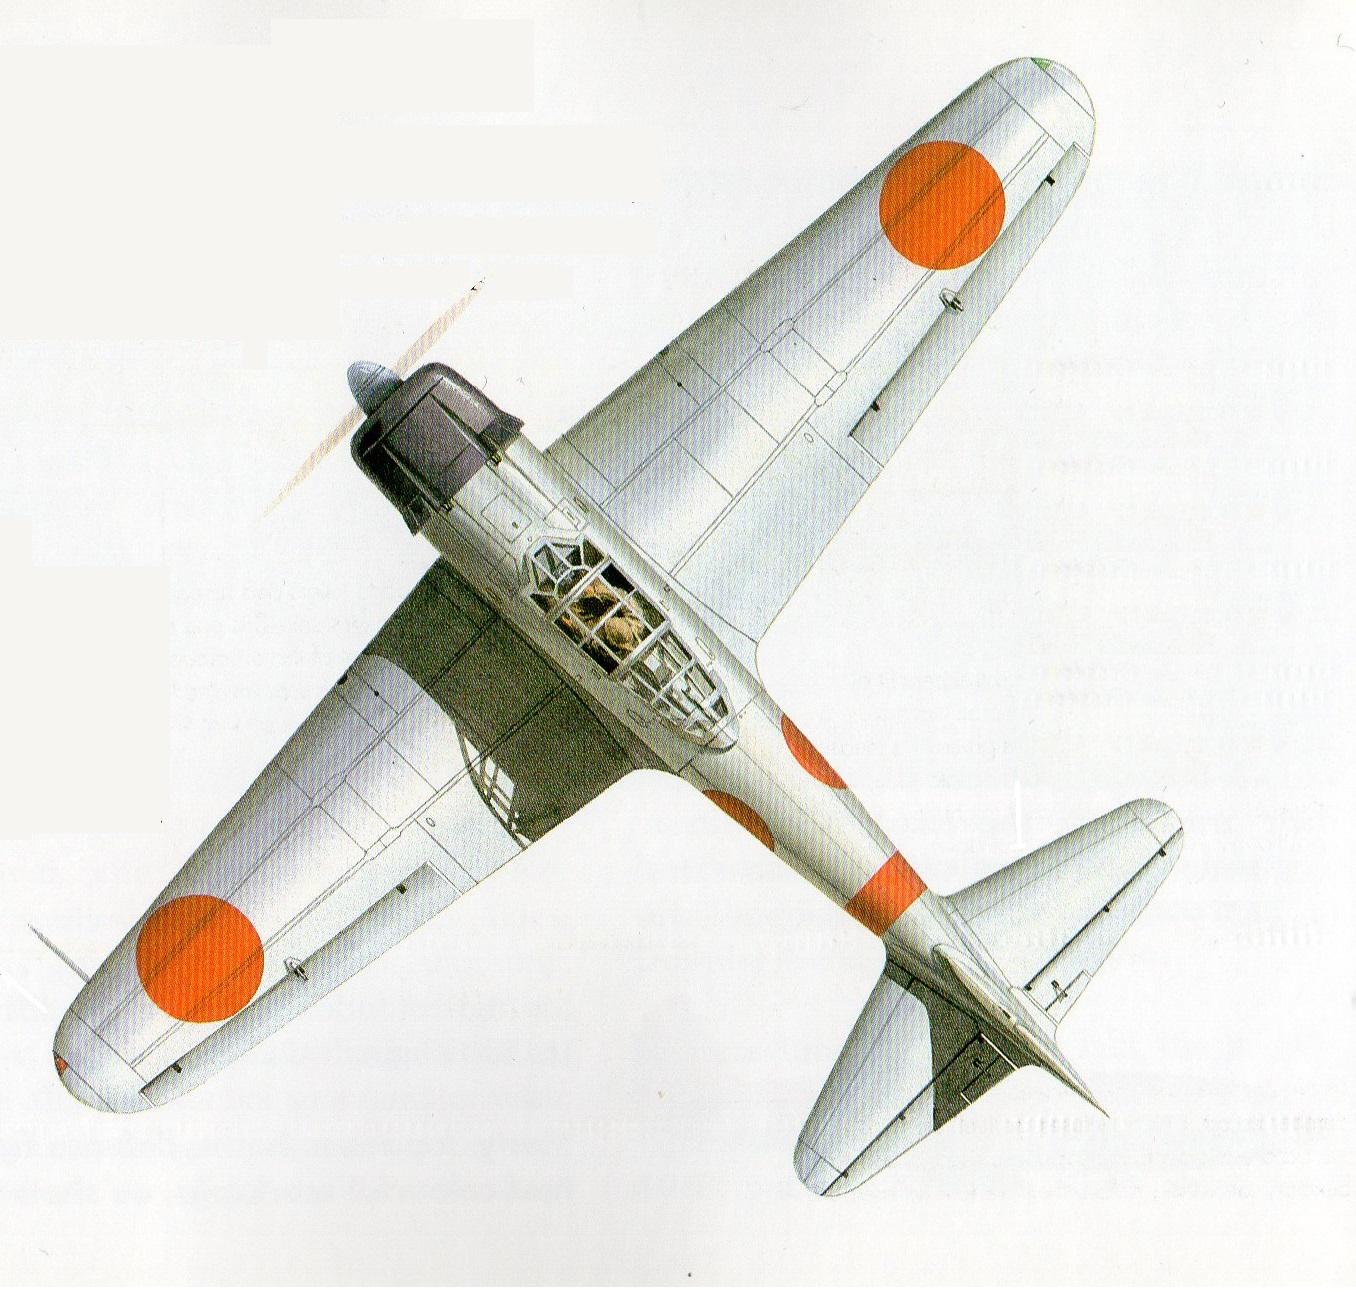 mitsubishi A6M2634